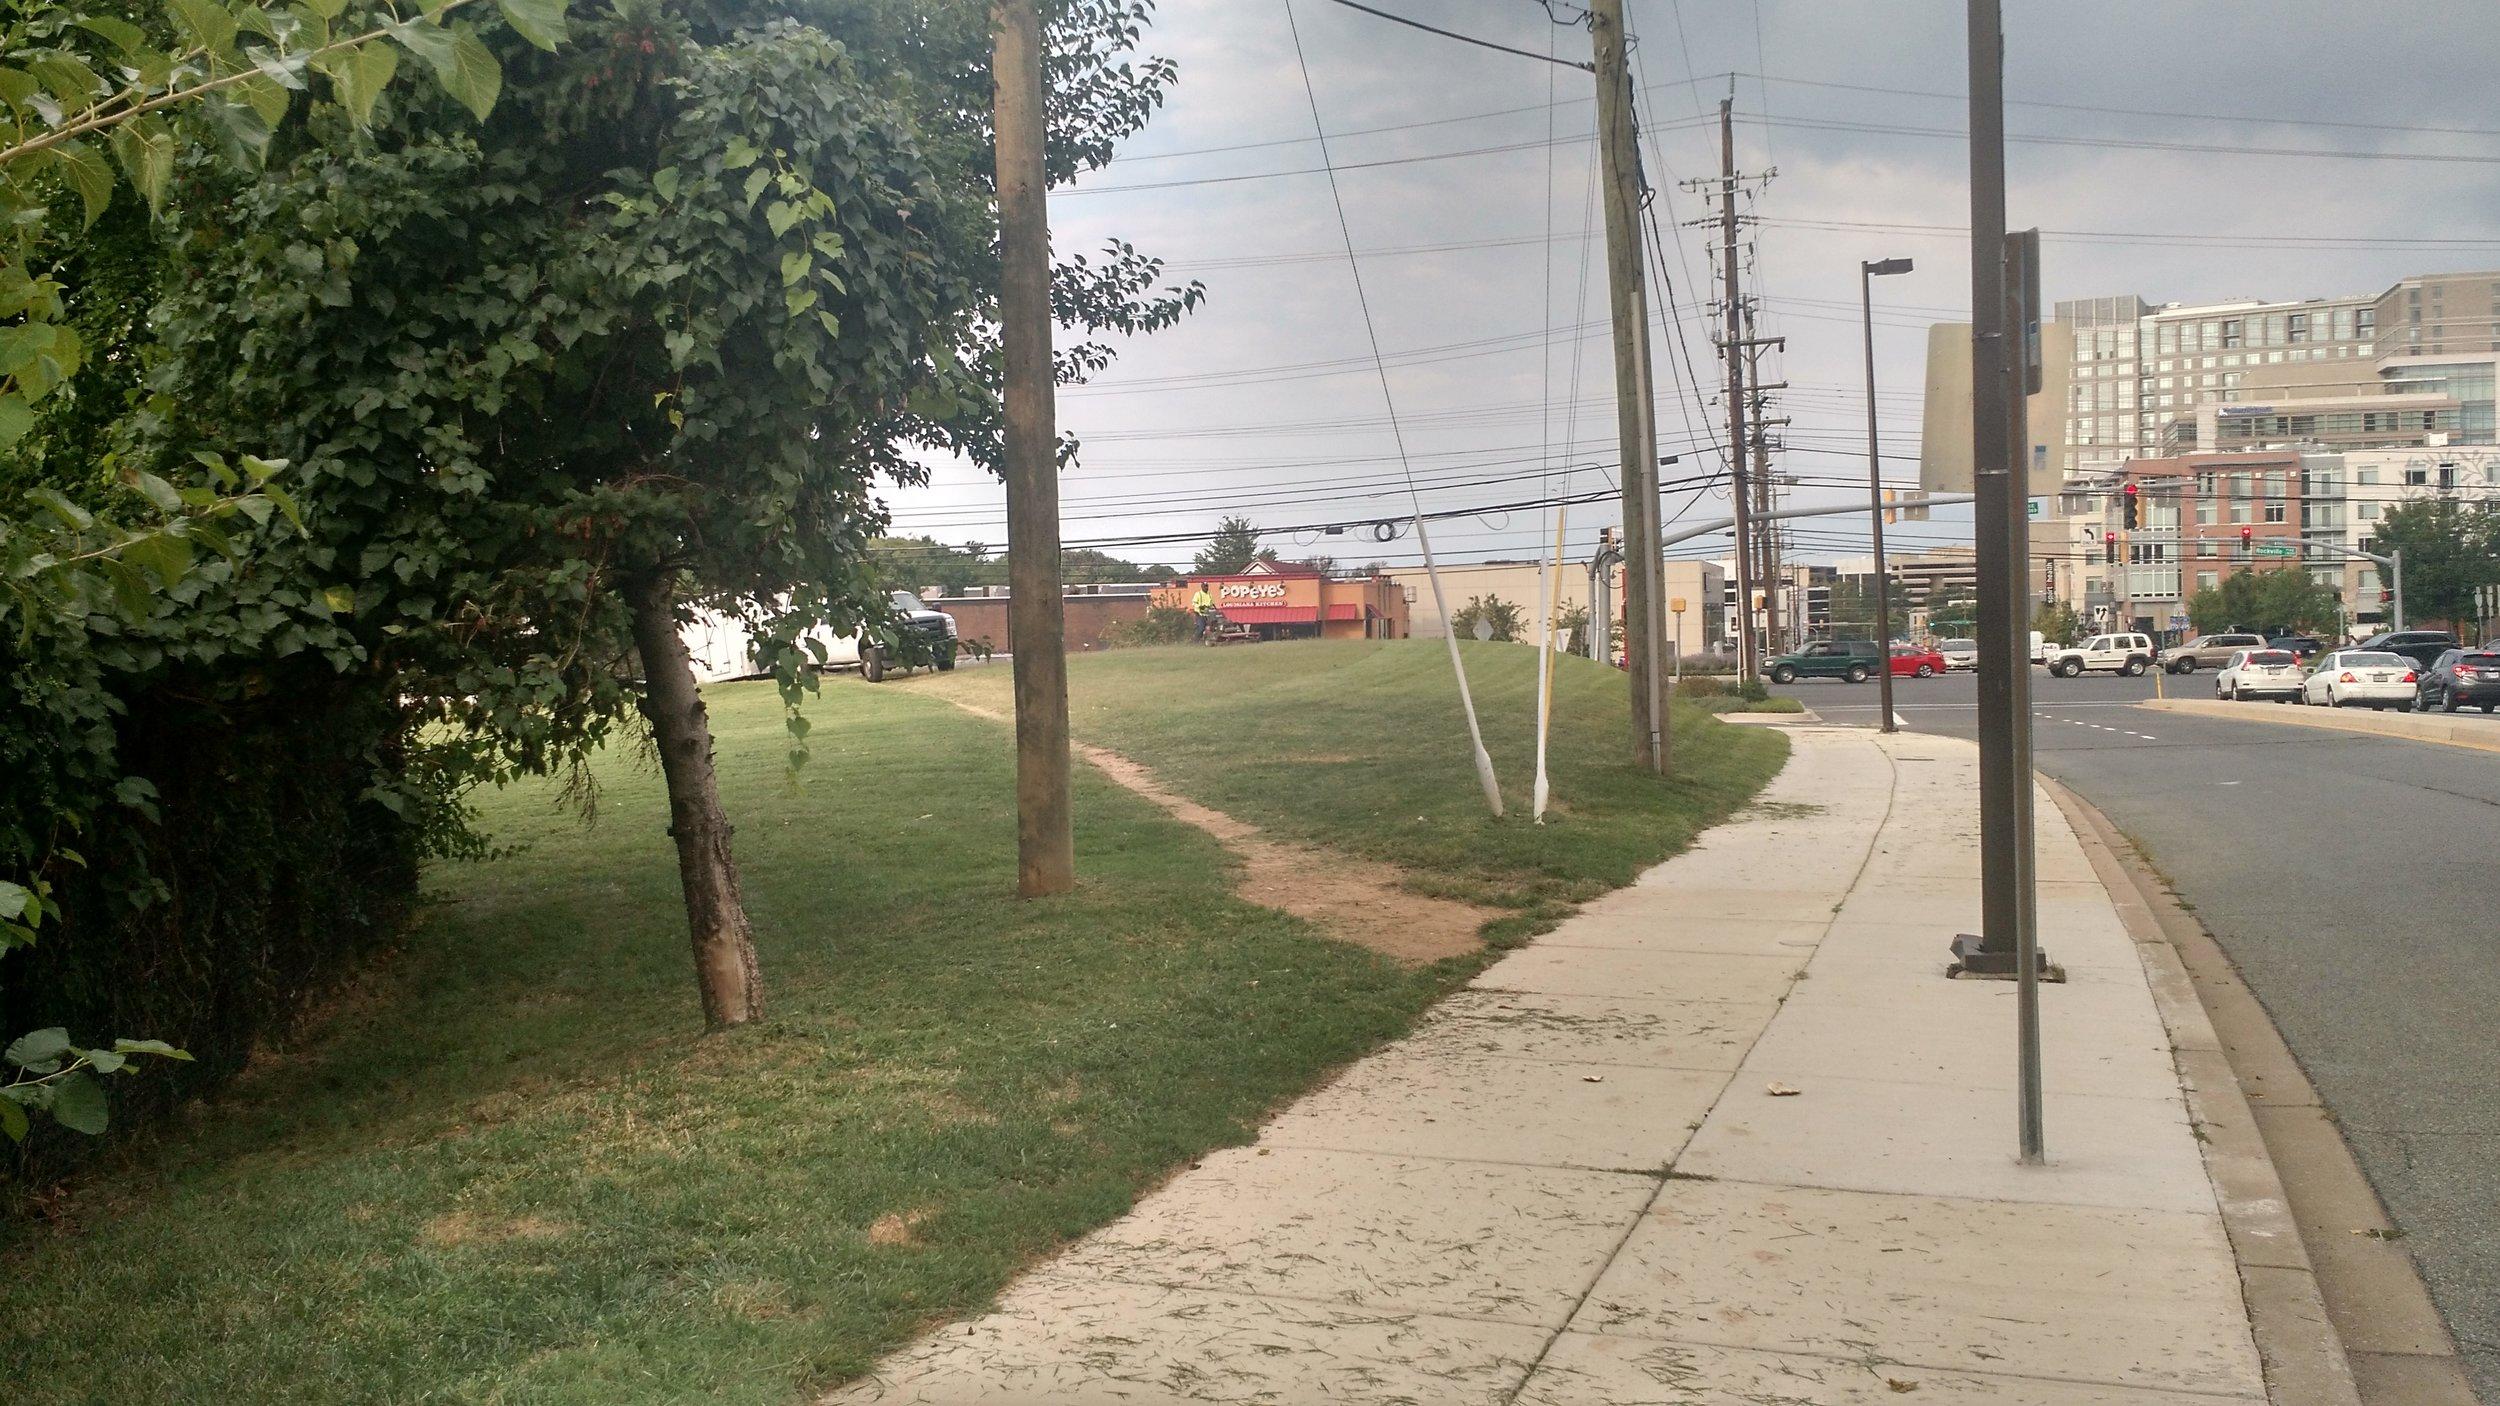 255 # Old Georgetown Rd (SE corner)